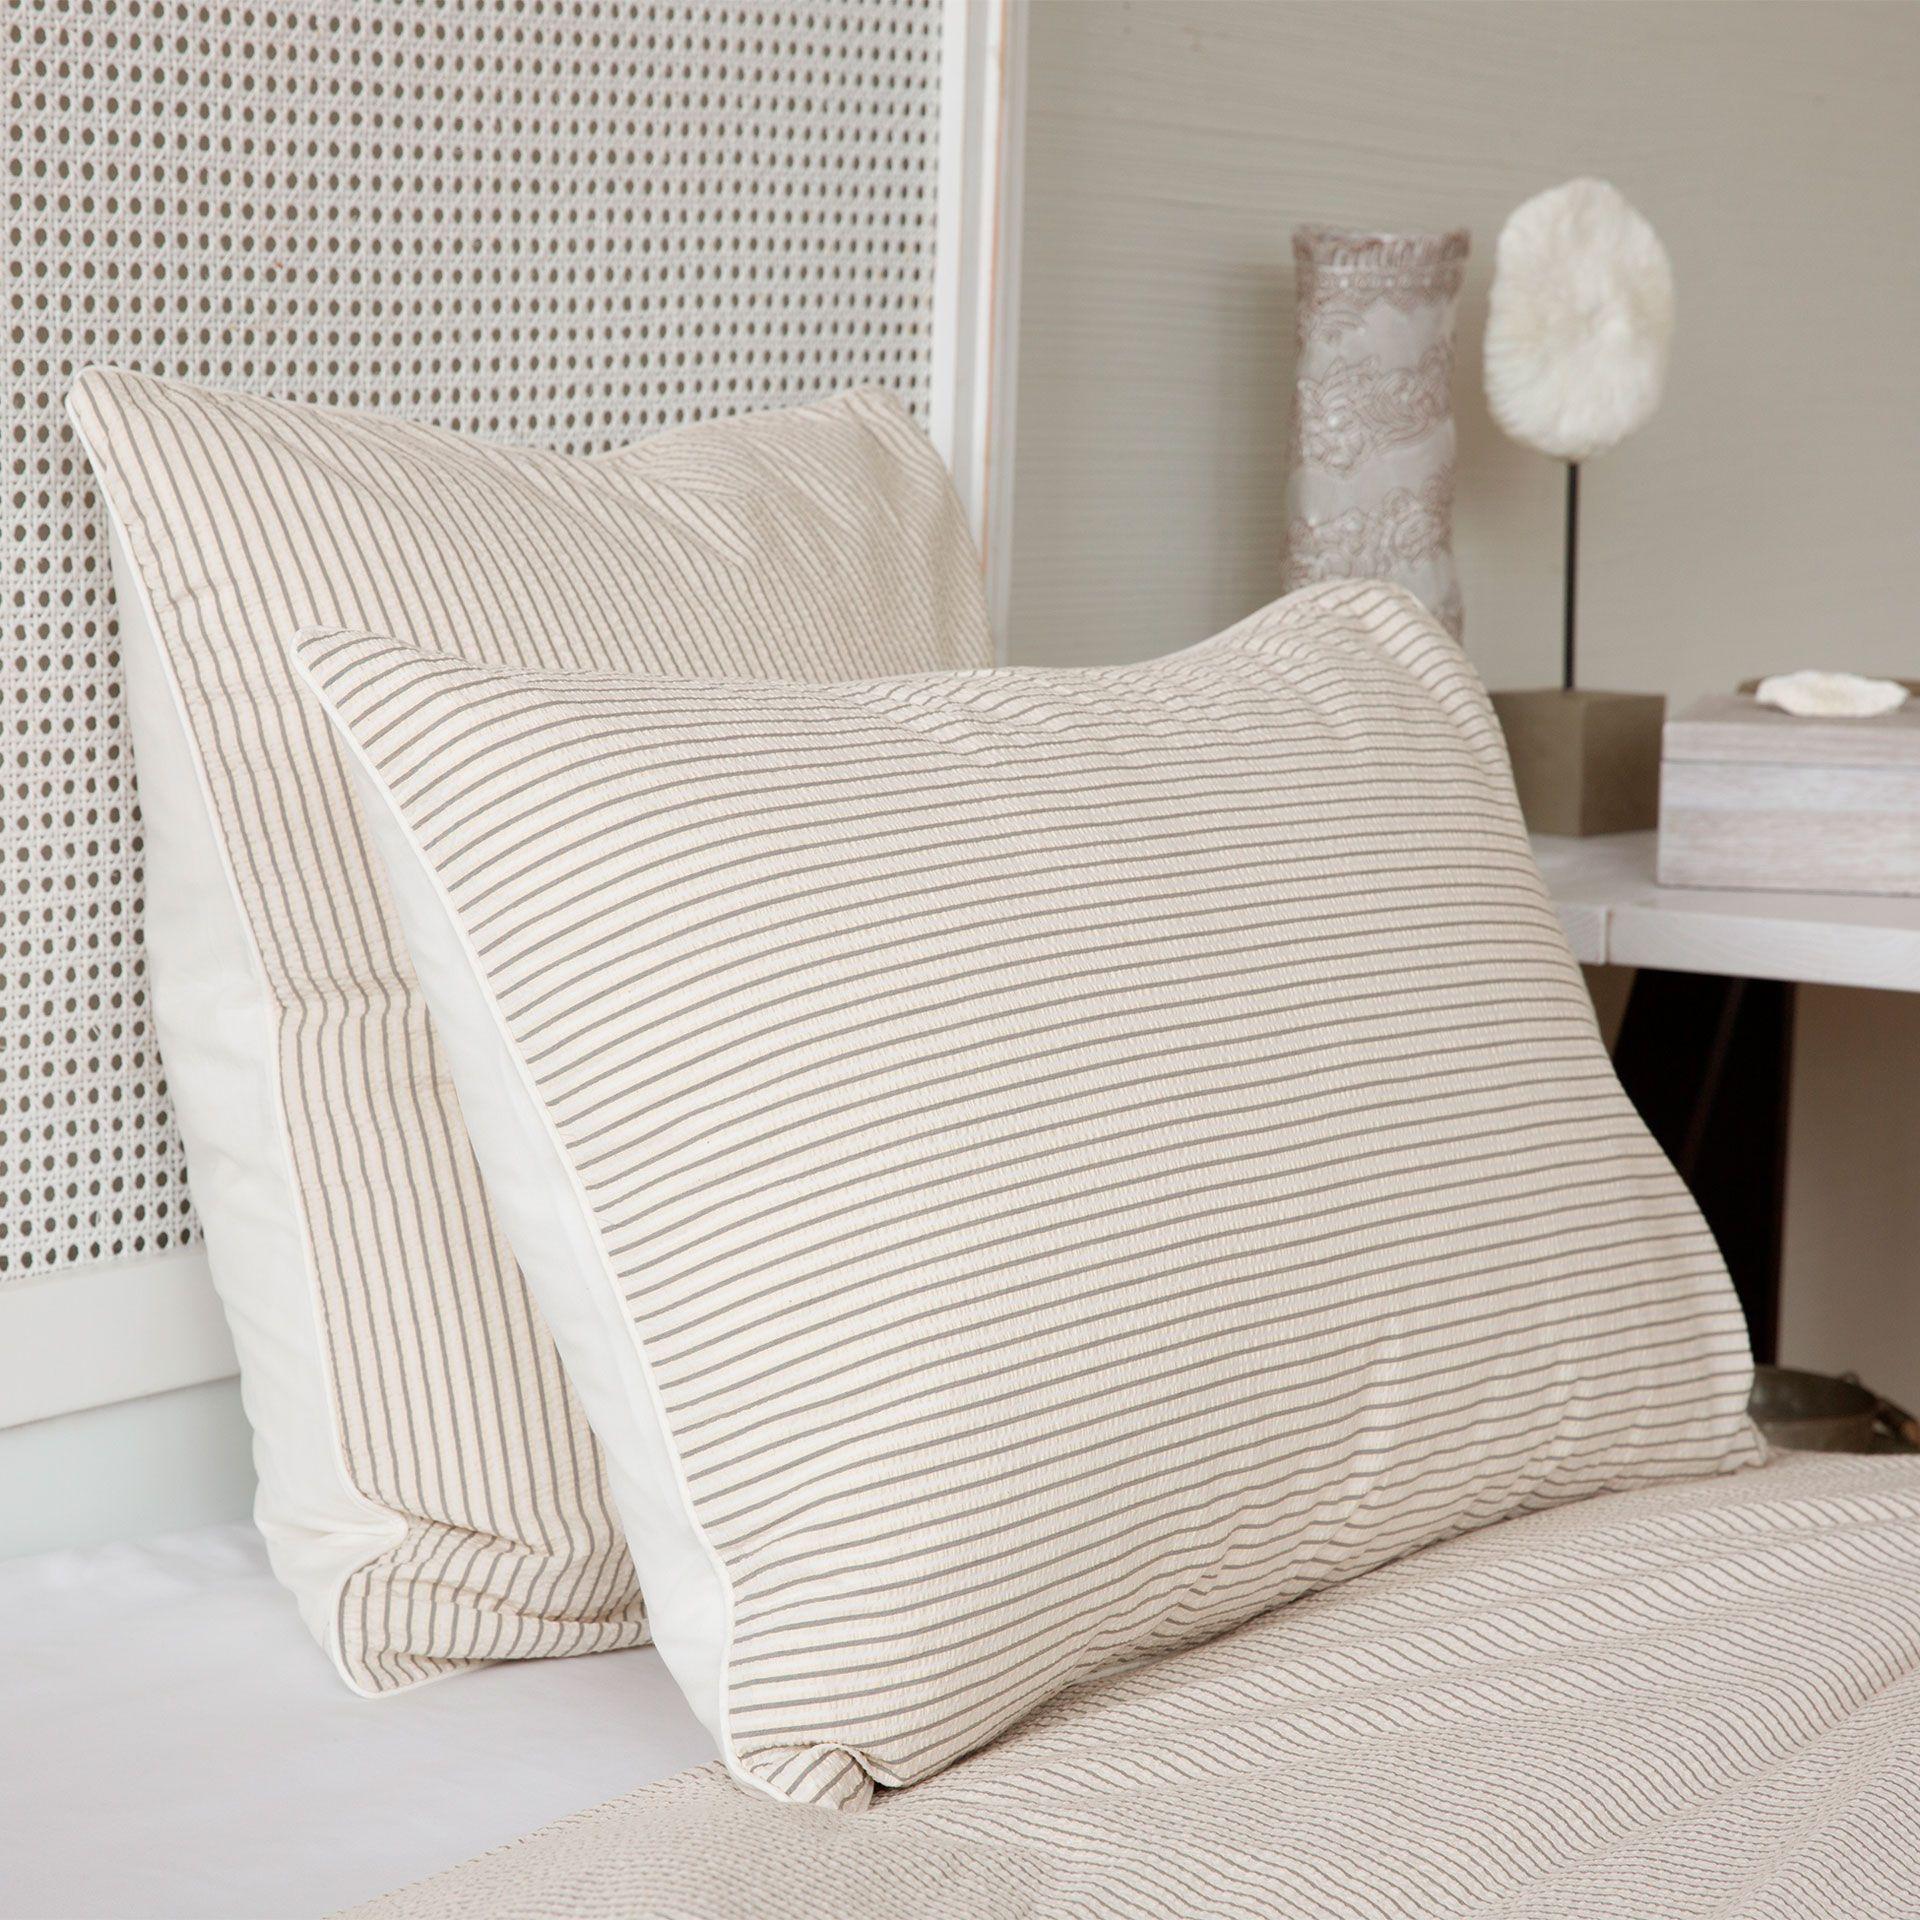 #zarahome #pillows